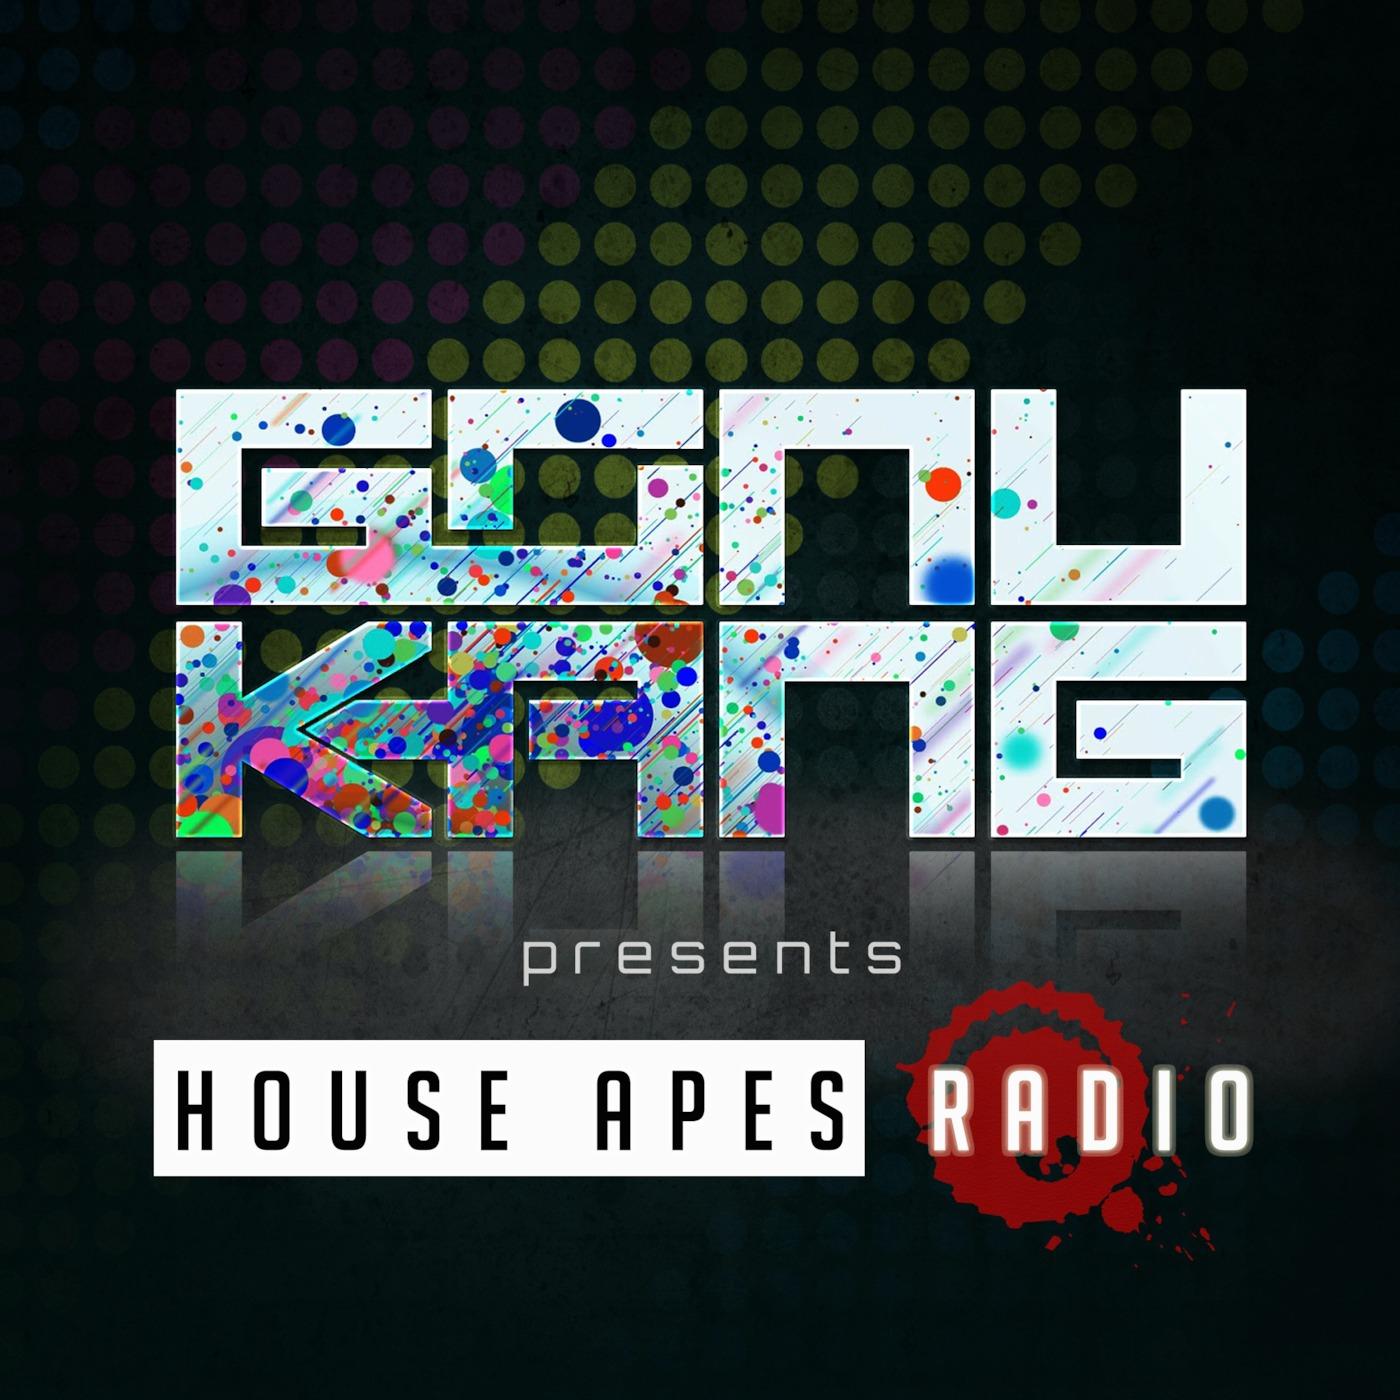 Gonu Kang - House Apes Radio